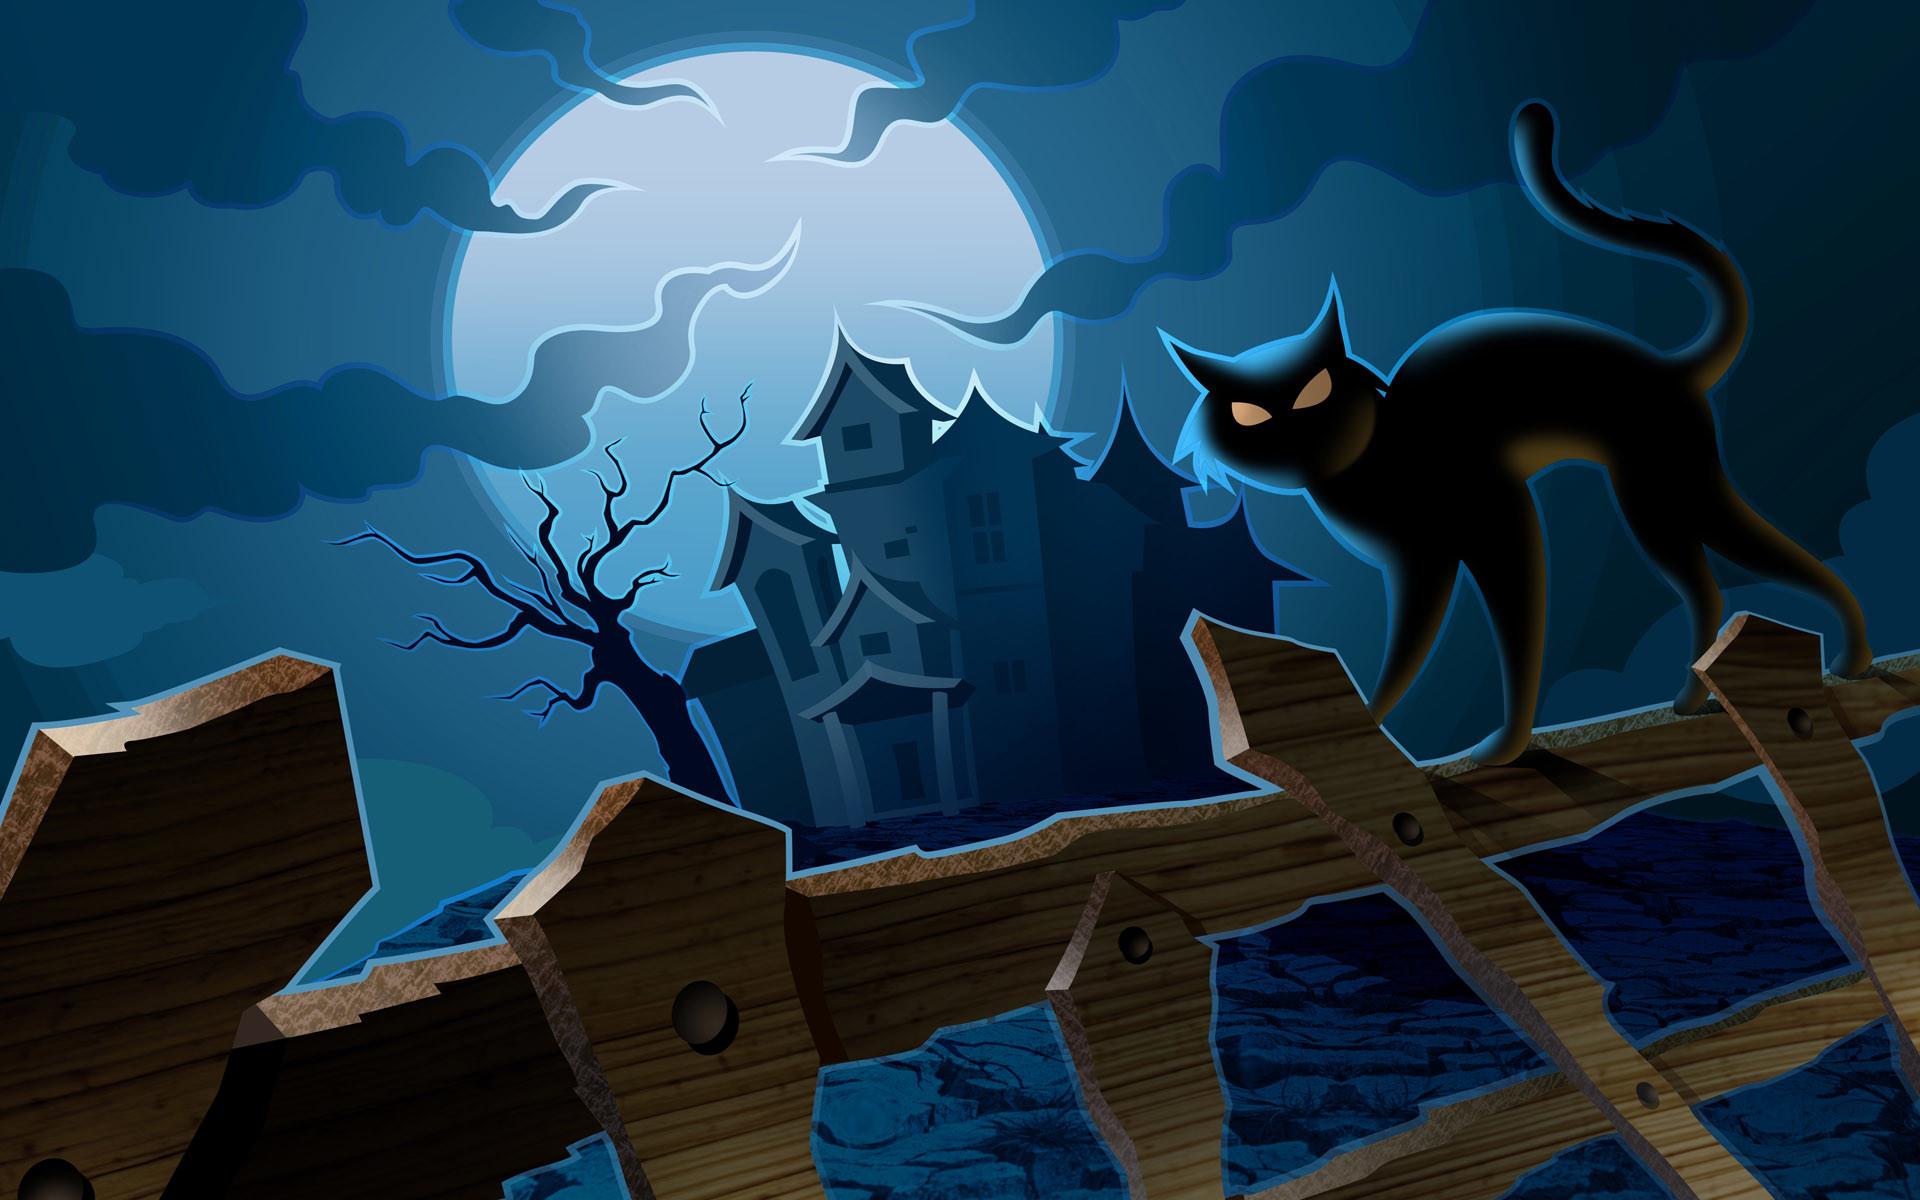 Scary-Halloween-2012-Wide-Screen-HD-Wallpaper